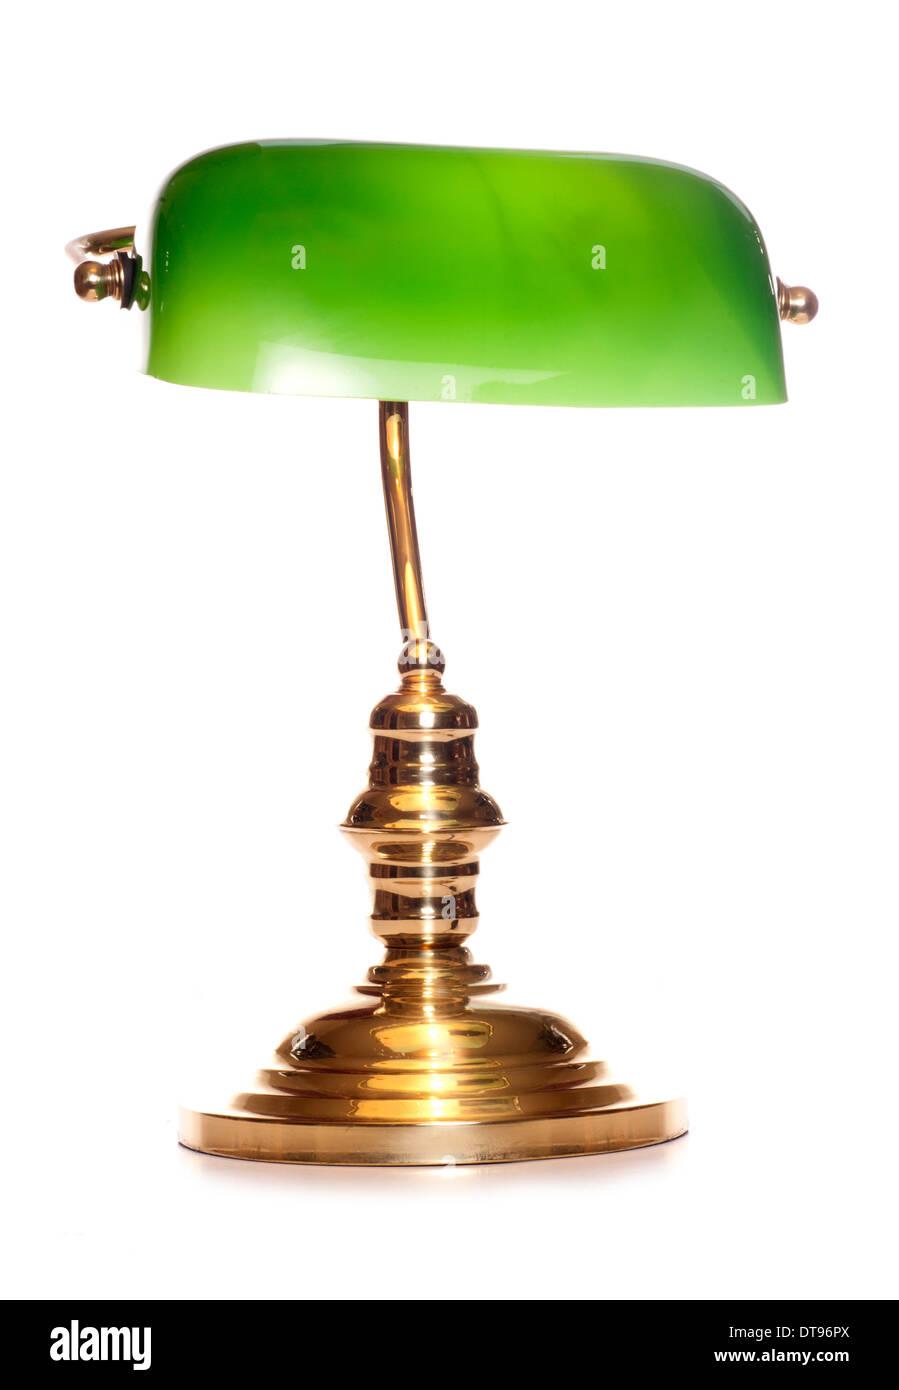 green bankers lamp studio cutout - Stock Image